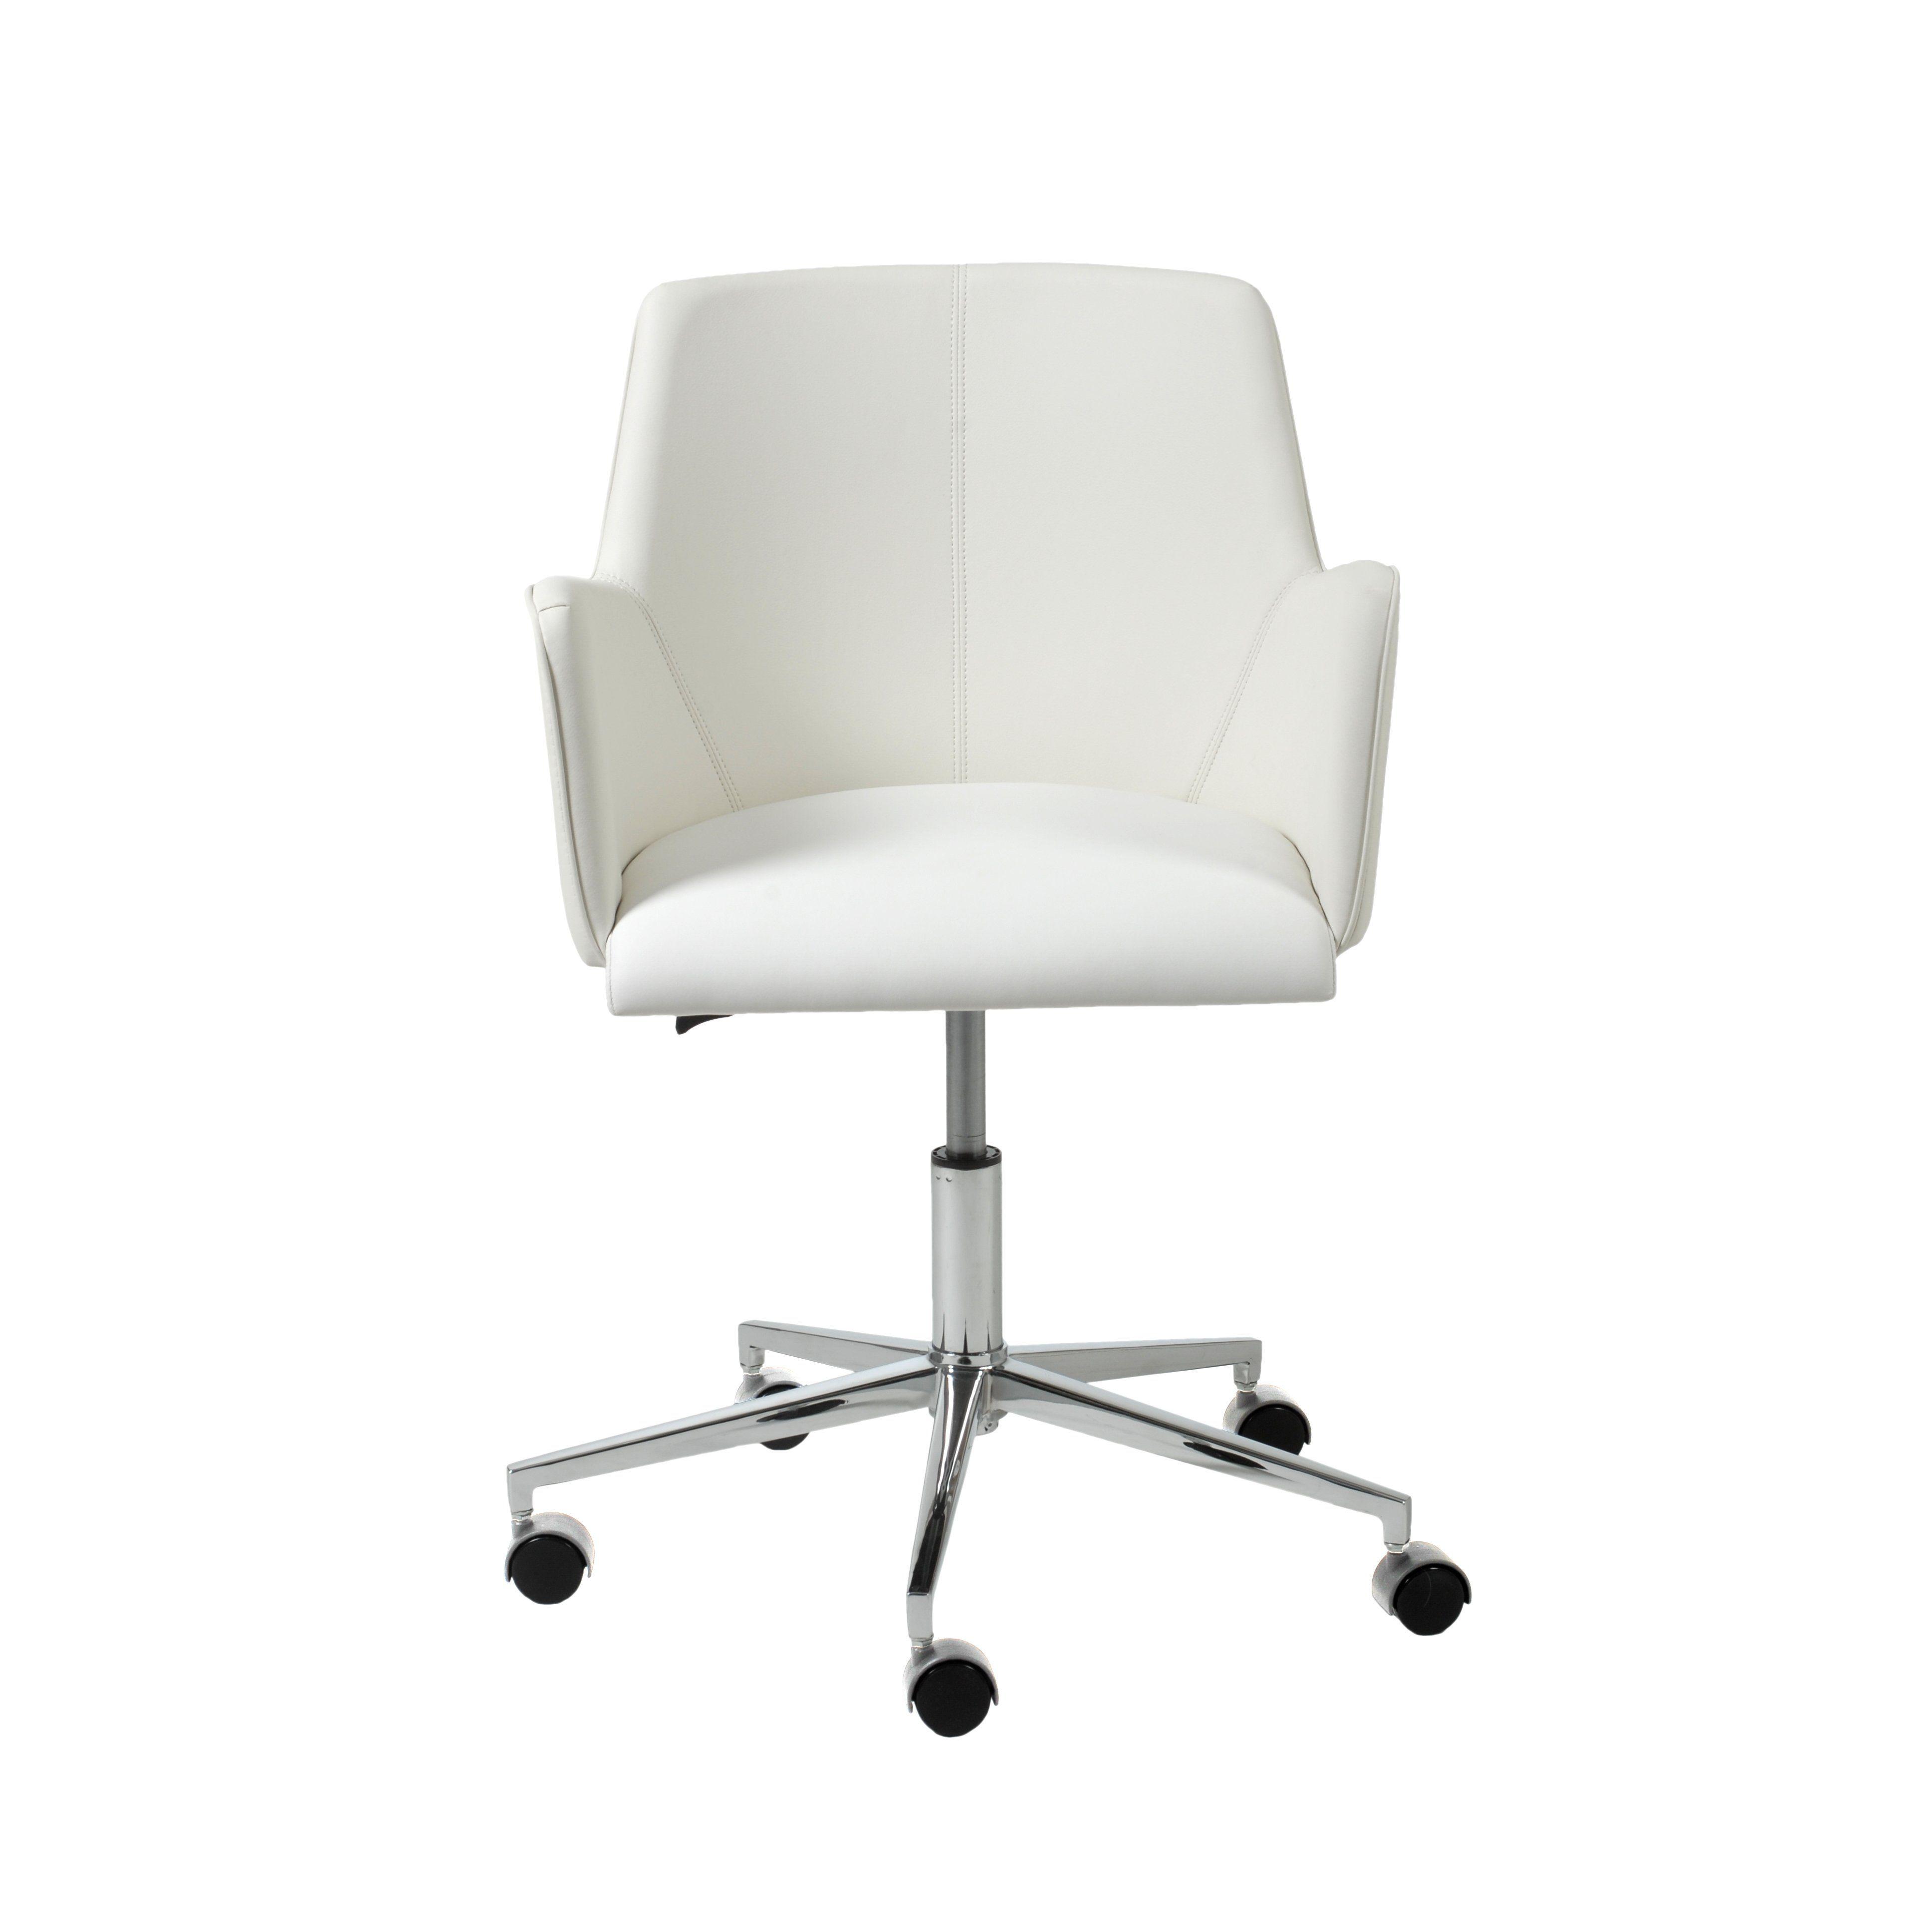 Maliah Task Chair White Office Chair White Leather Office Chair Comfy Office Chair